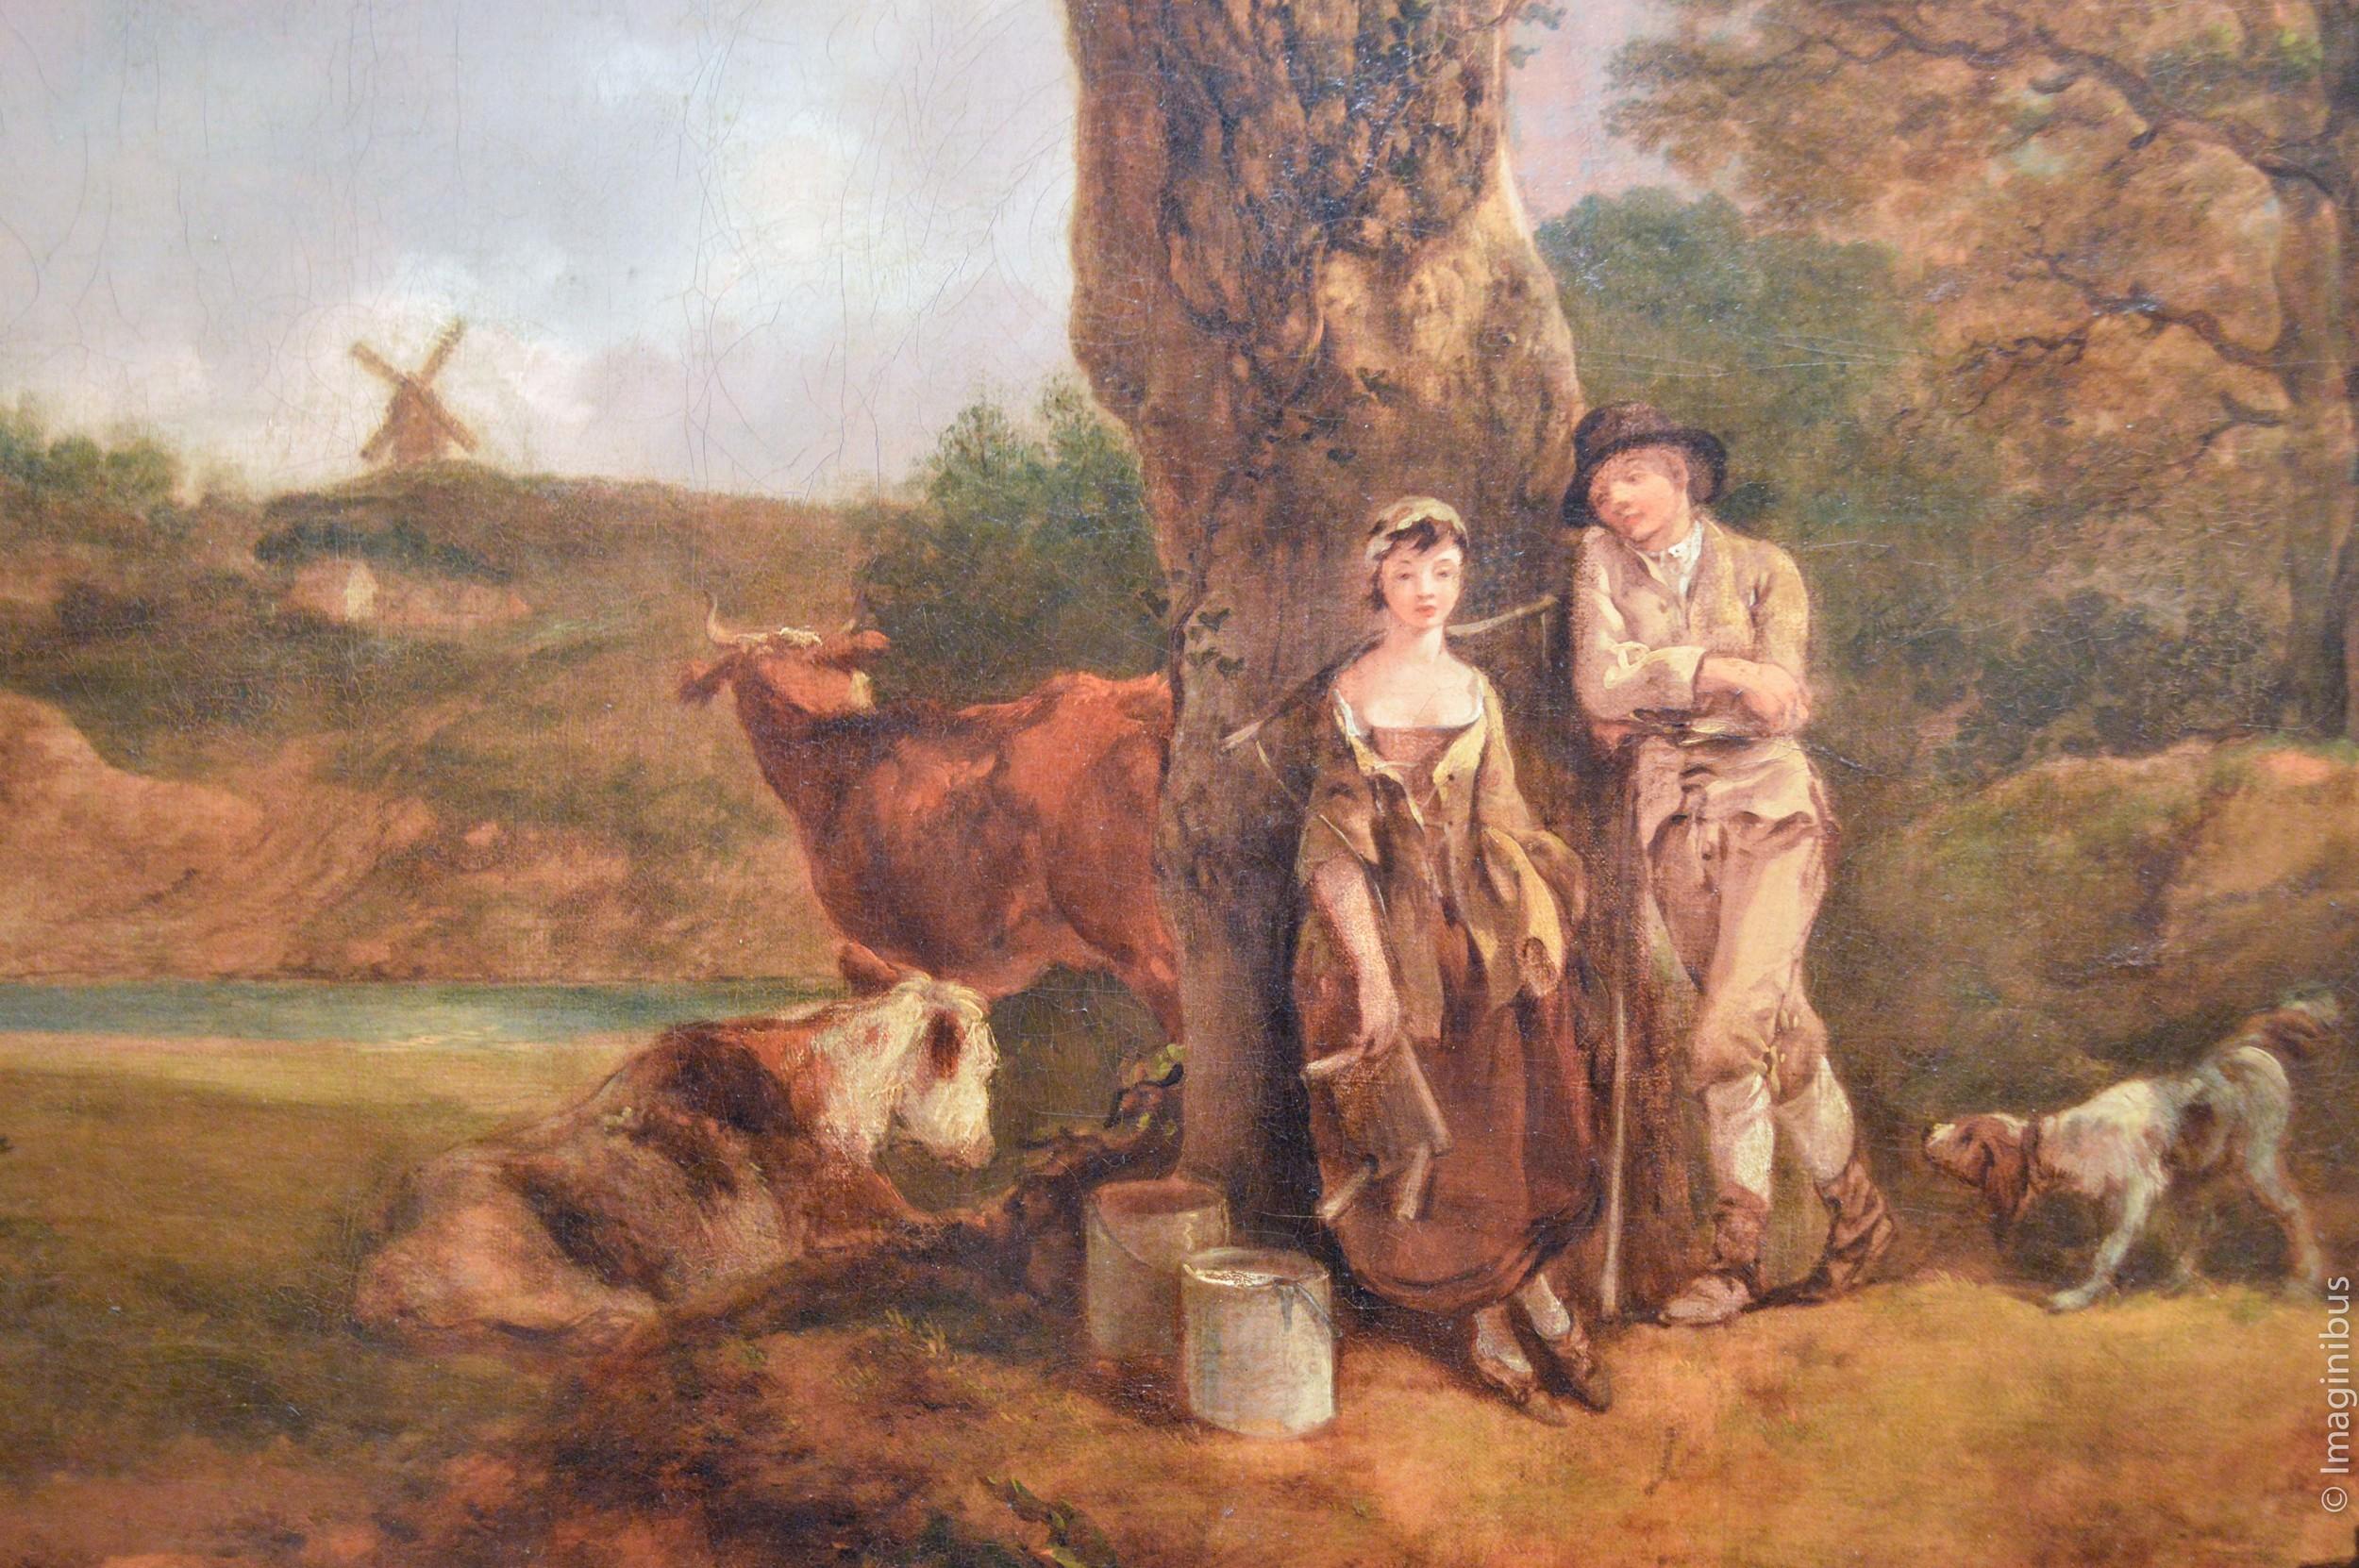 Montreal Museum of Fine Arts, Gainsborough, Rustic Courtship